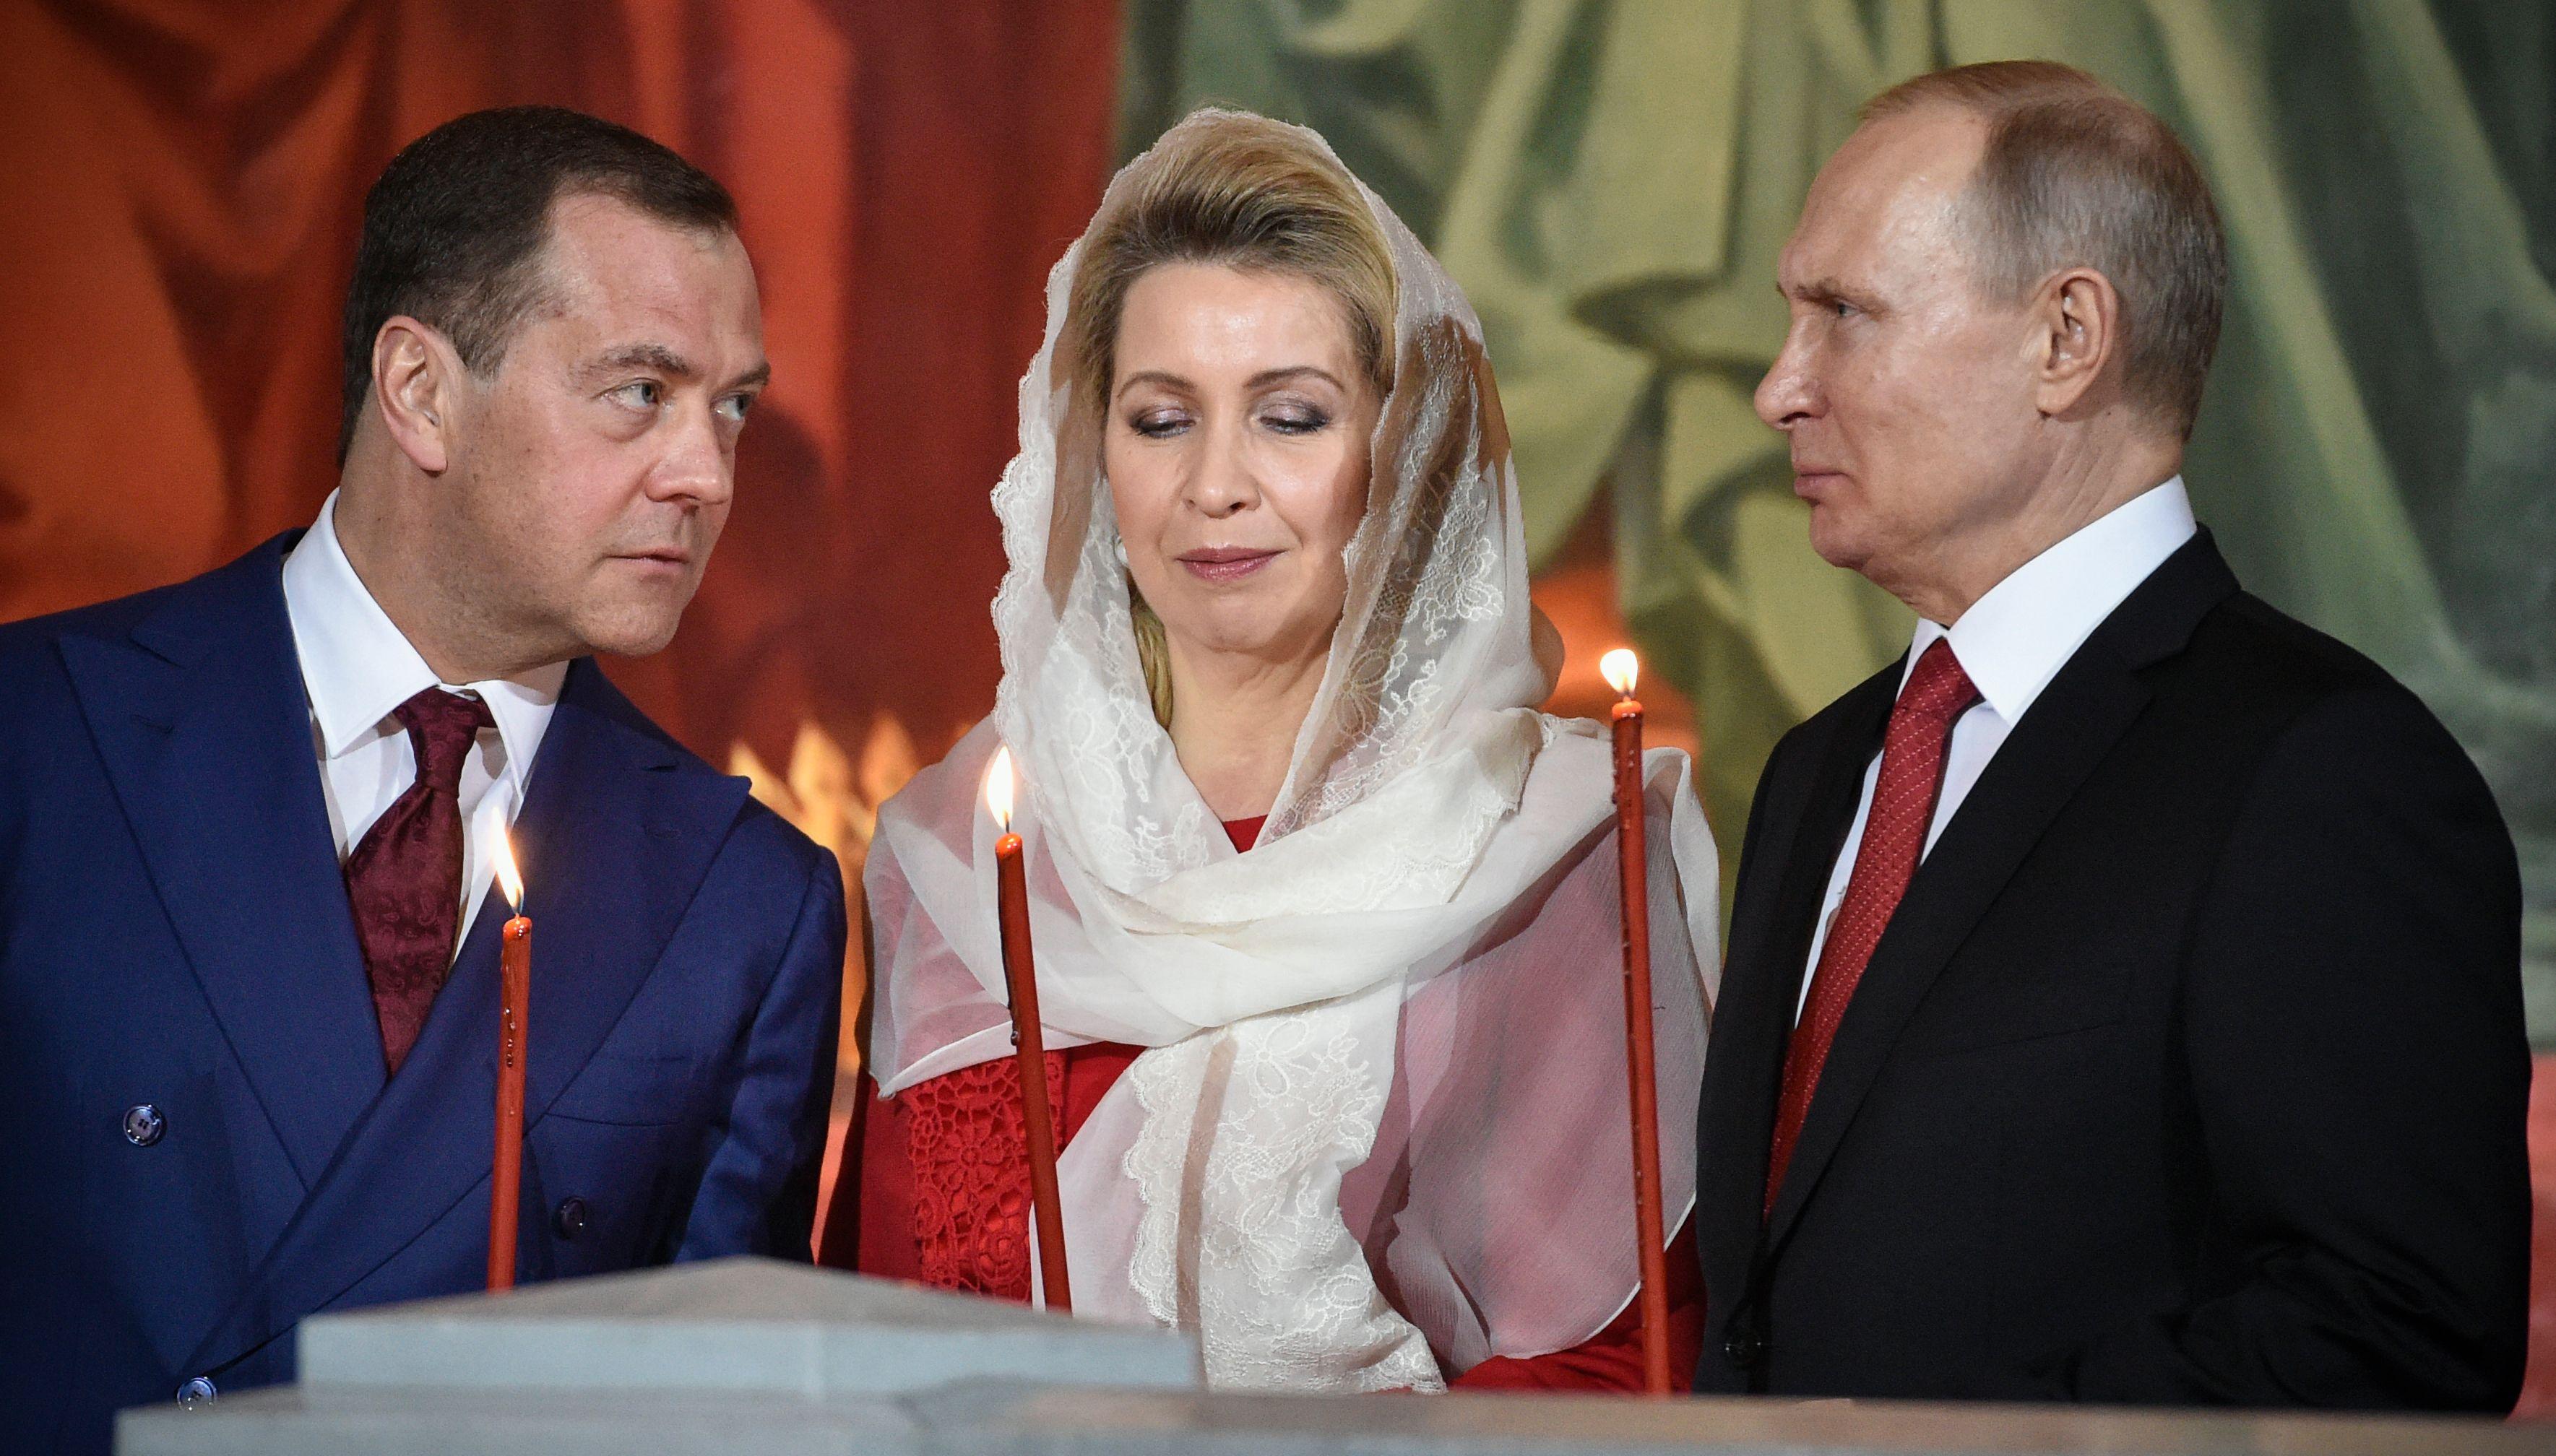 بوتين وقرينته ورئيس وزراءه